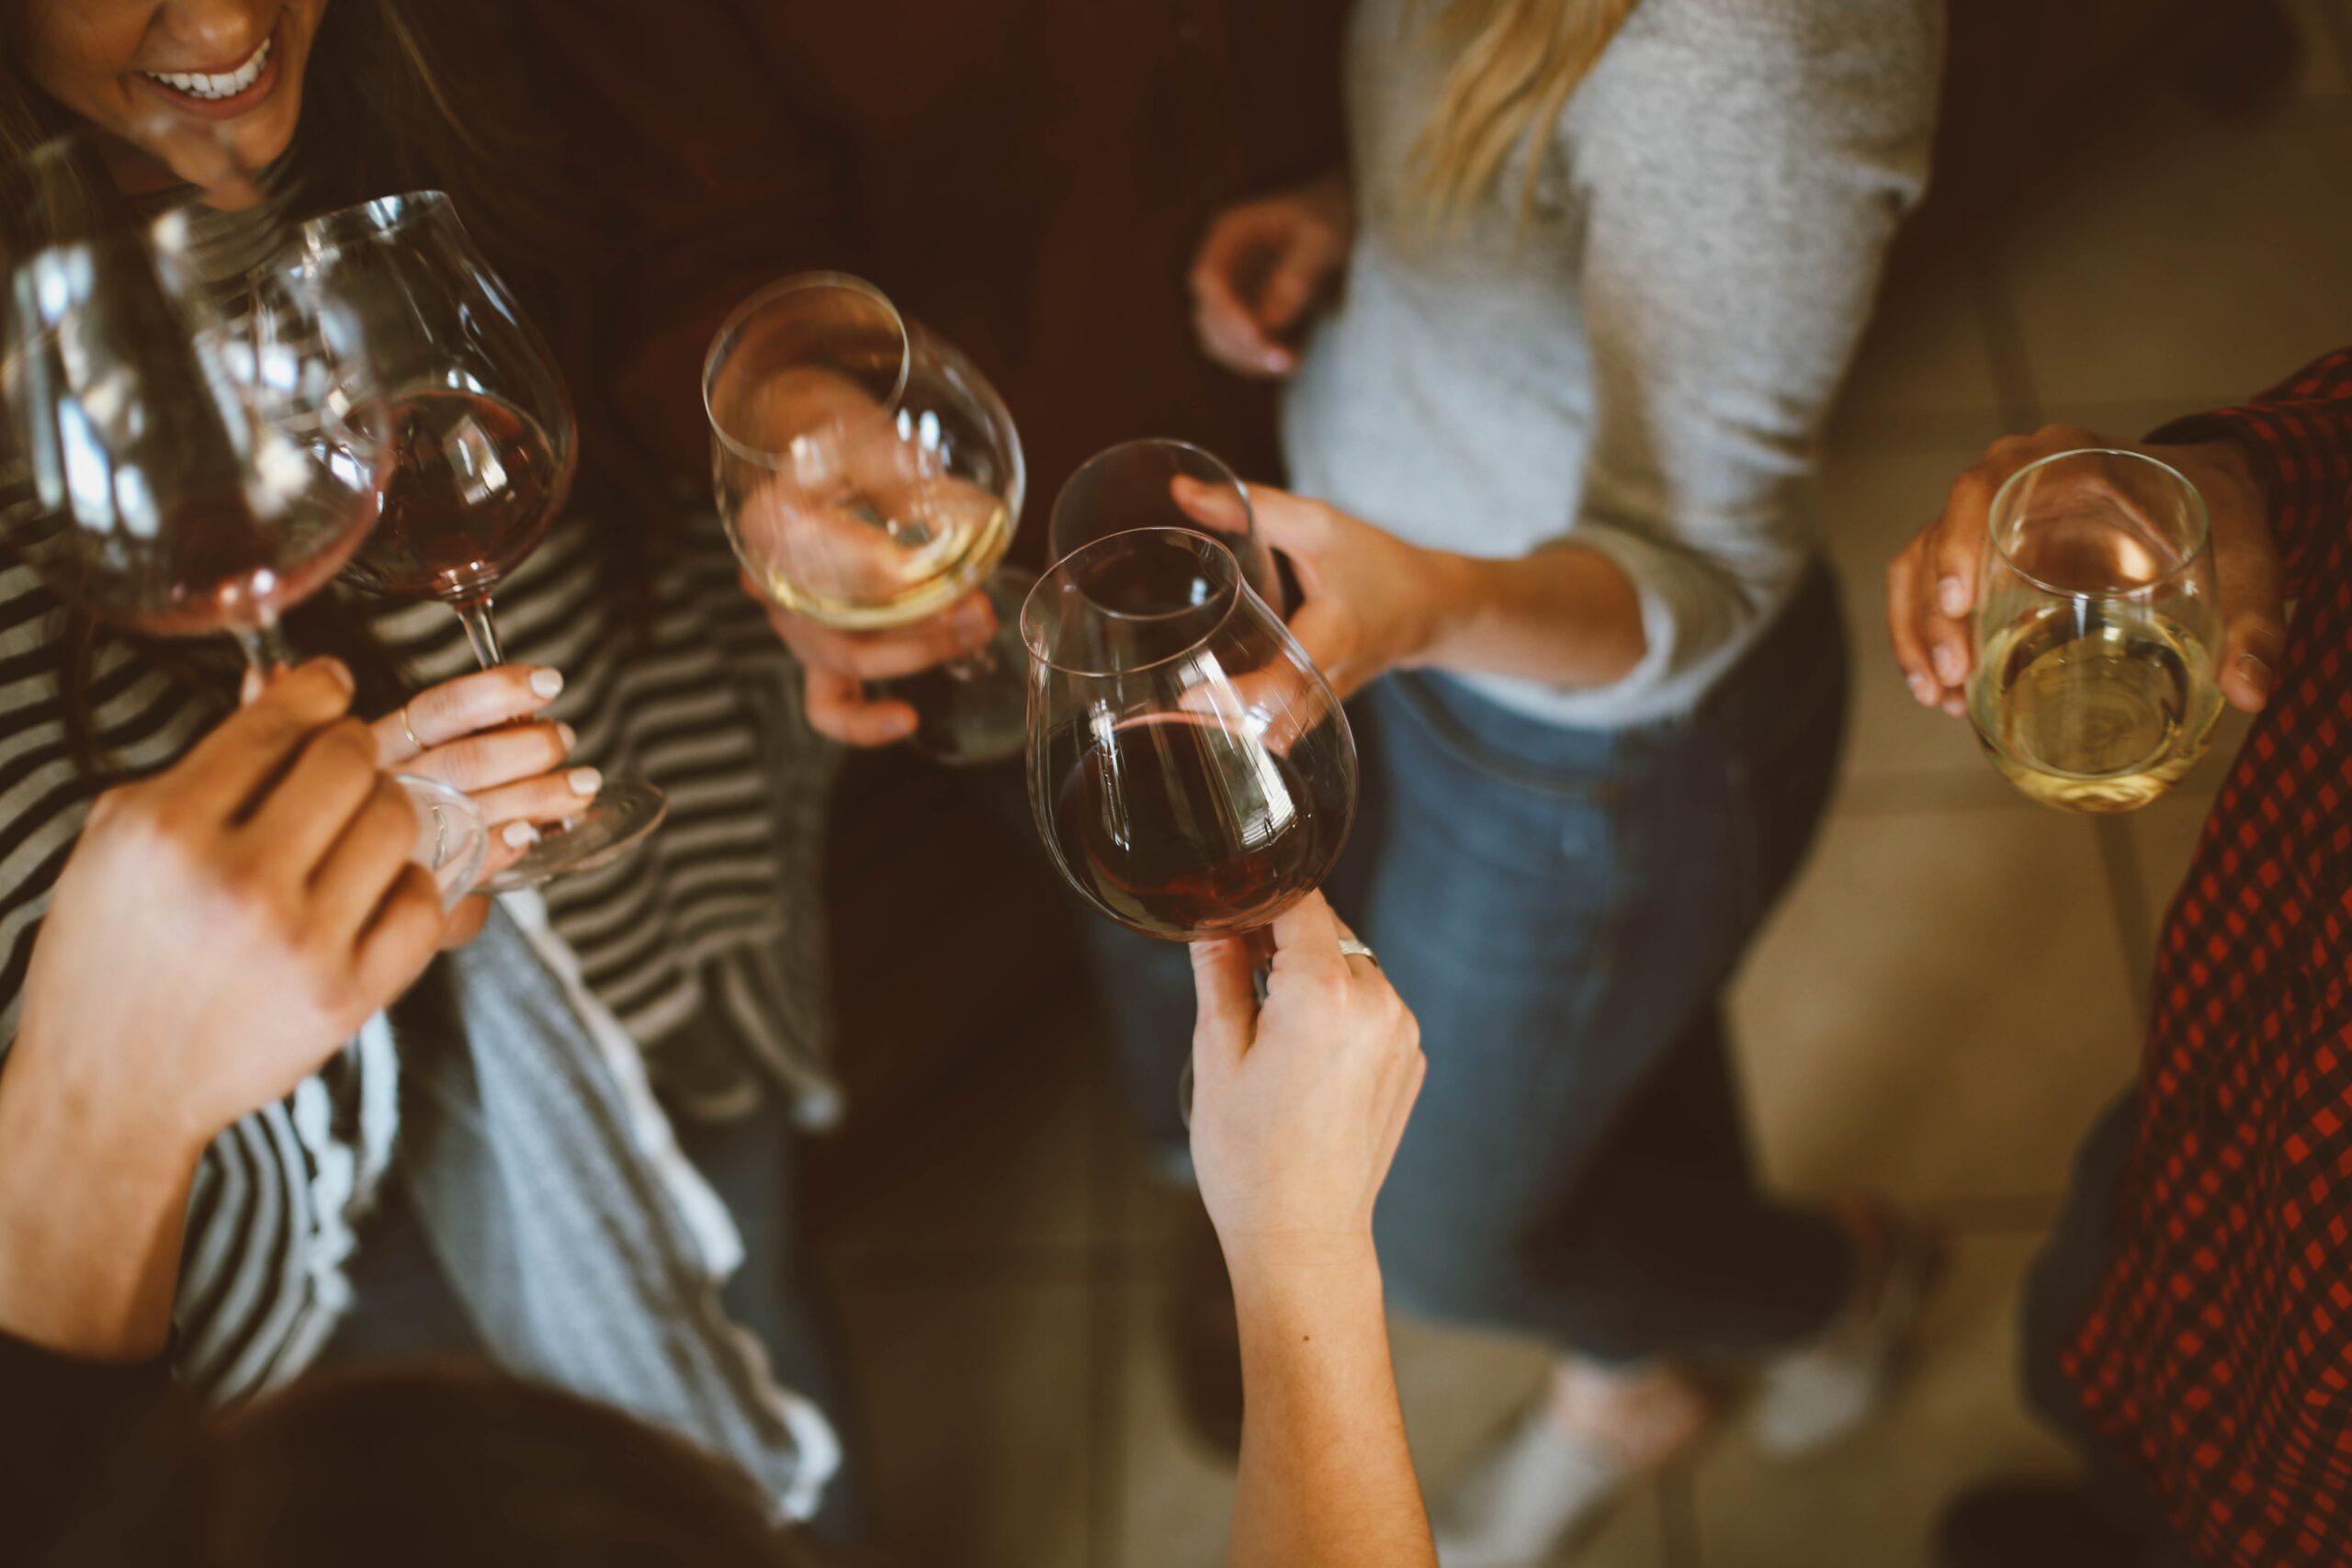 Інтоксикація (отруєння) алкоголем - лікування алкоголізму (Київ) в реабілітаційному центрі для алкозалежних